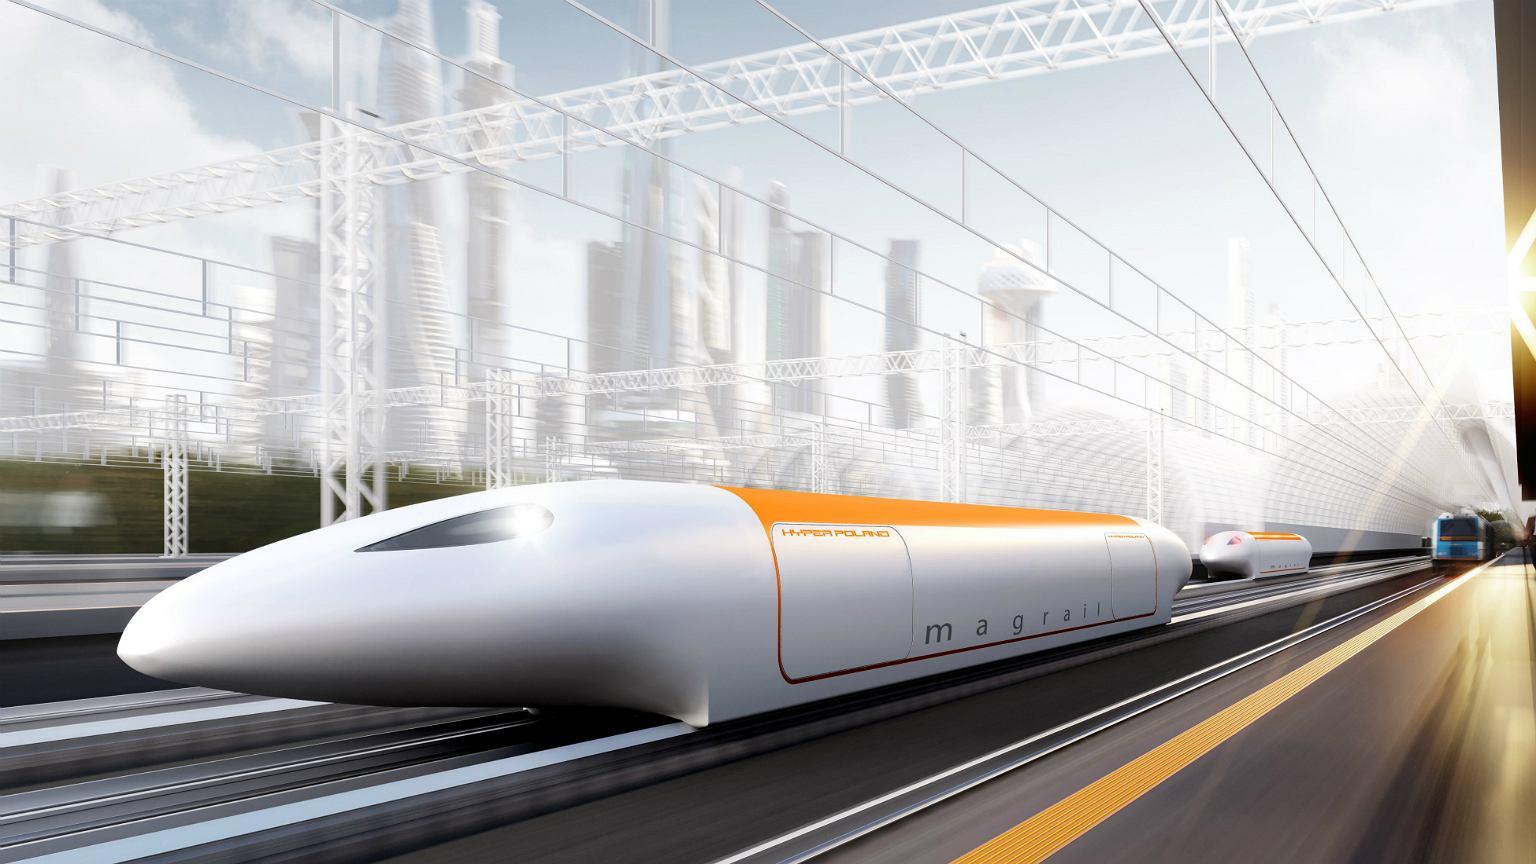 Projekt magrail: technologii, która pozwoli po tych samych torach poruszać się zwykłym pociągom i superszybkim, wykorzystującym pasywną lewitację magnetyczną